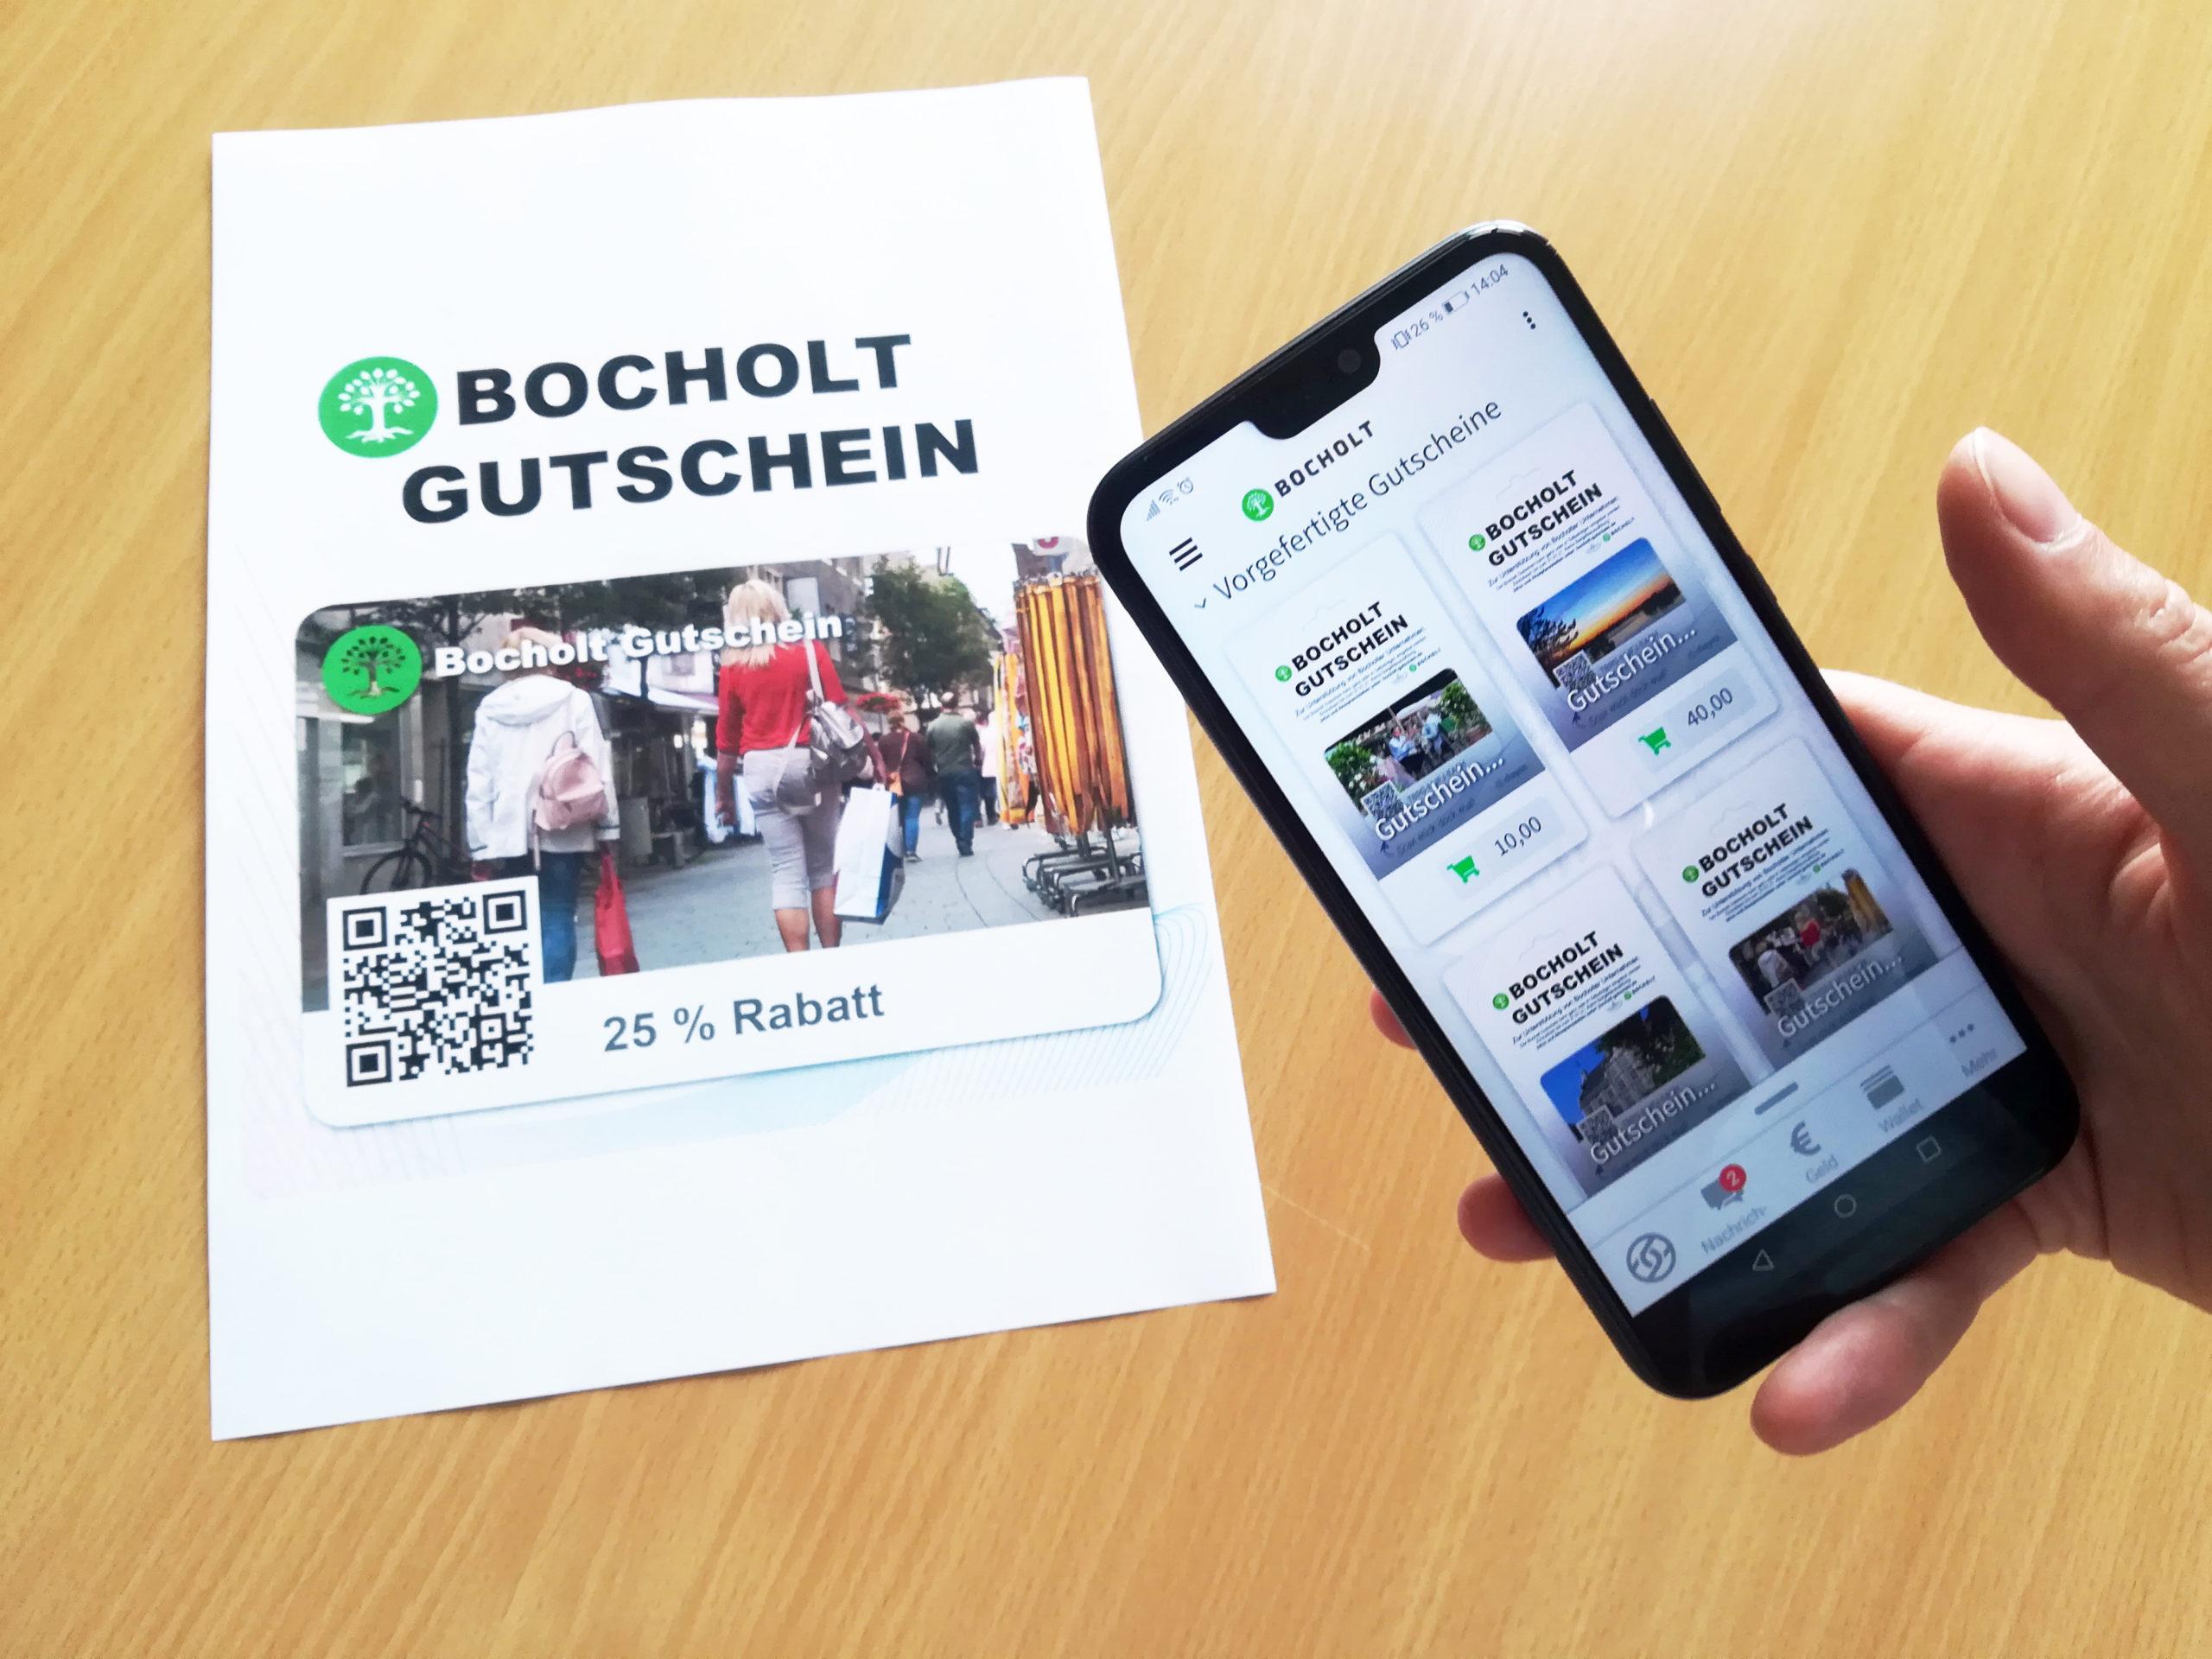 Bocholt Gutschein, analog und digital –Wirtschaftsförderungs- und Stadtmarketing Gesellschaft Bocholt